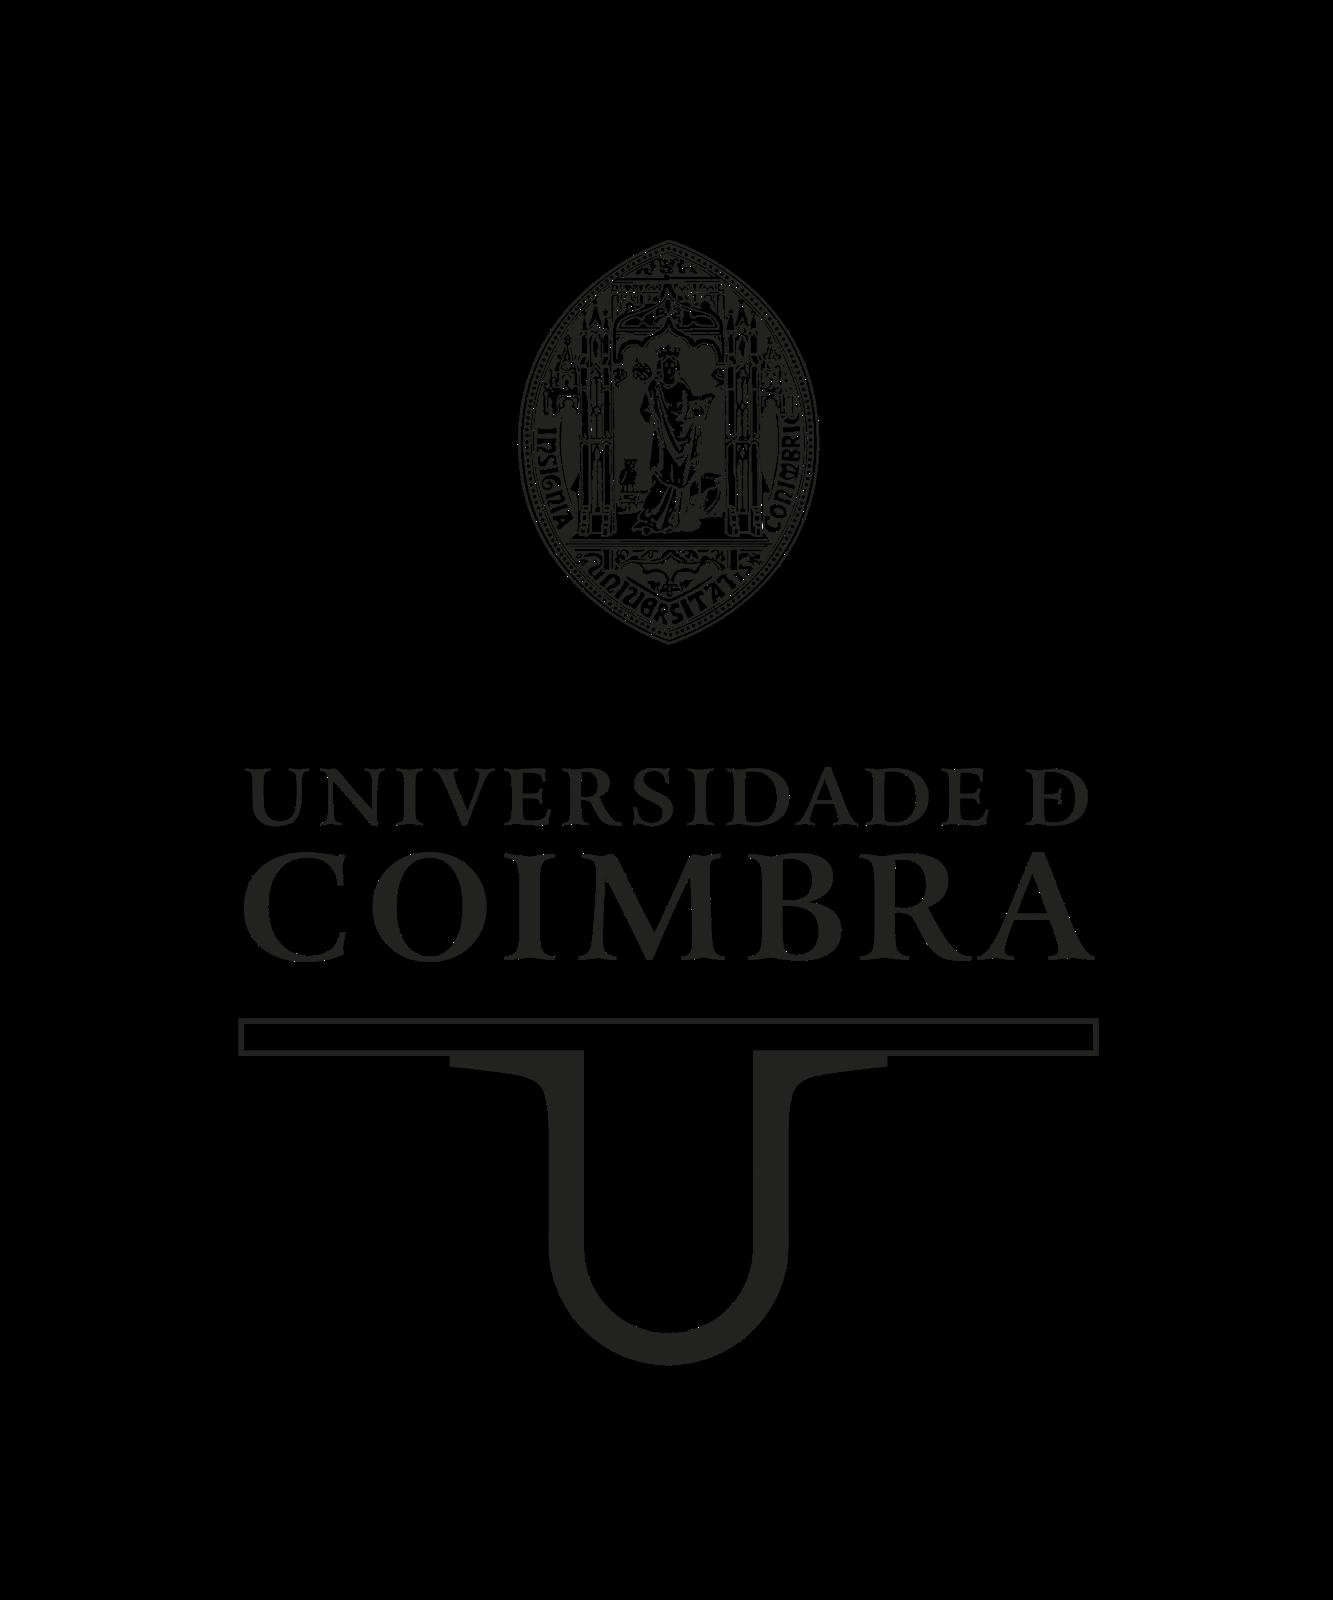 0b889e20fc9 Concurso Público para Professor Associado de Geografia Humana na  Universidade de Coimbra